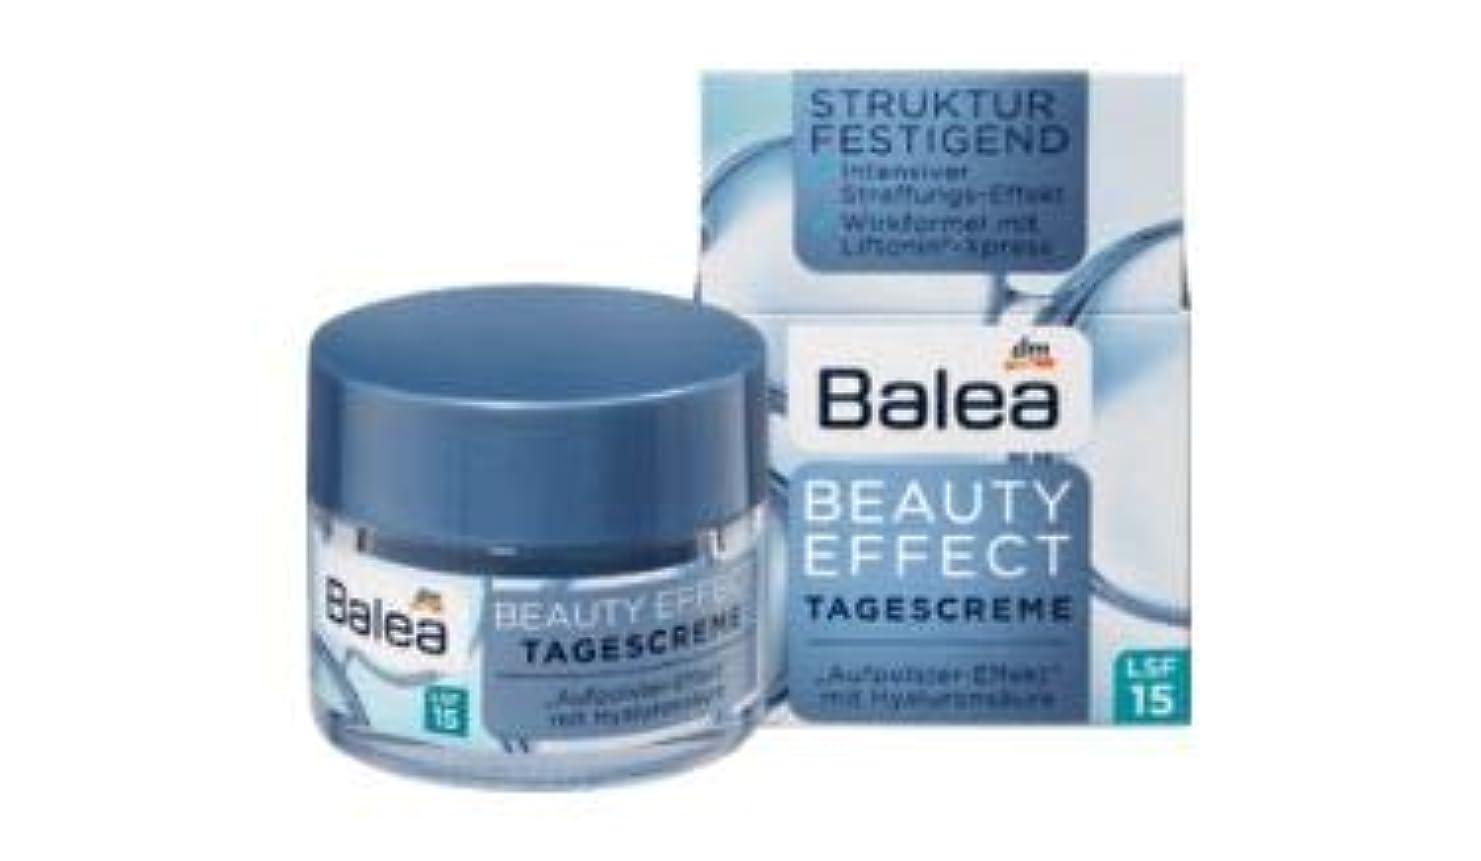 ポーク曲醜いBalea Day Cream デイクリーム Beauty Effect, 50 ml SPF15